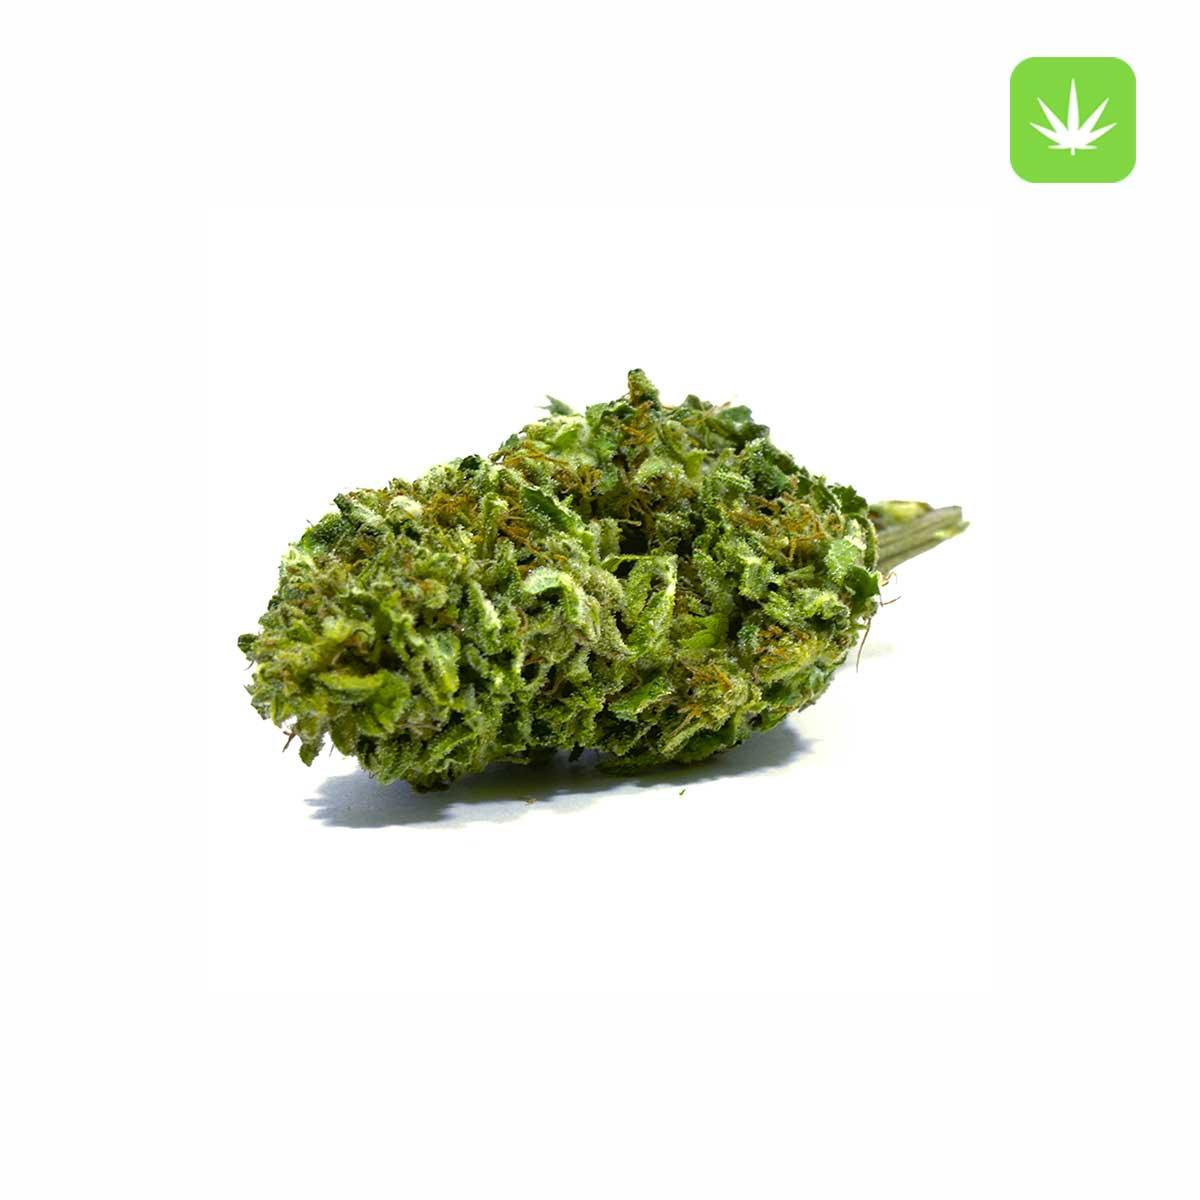 Sensi Star Cannabis Avenue